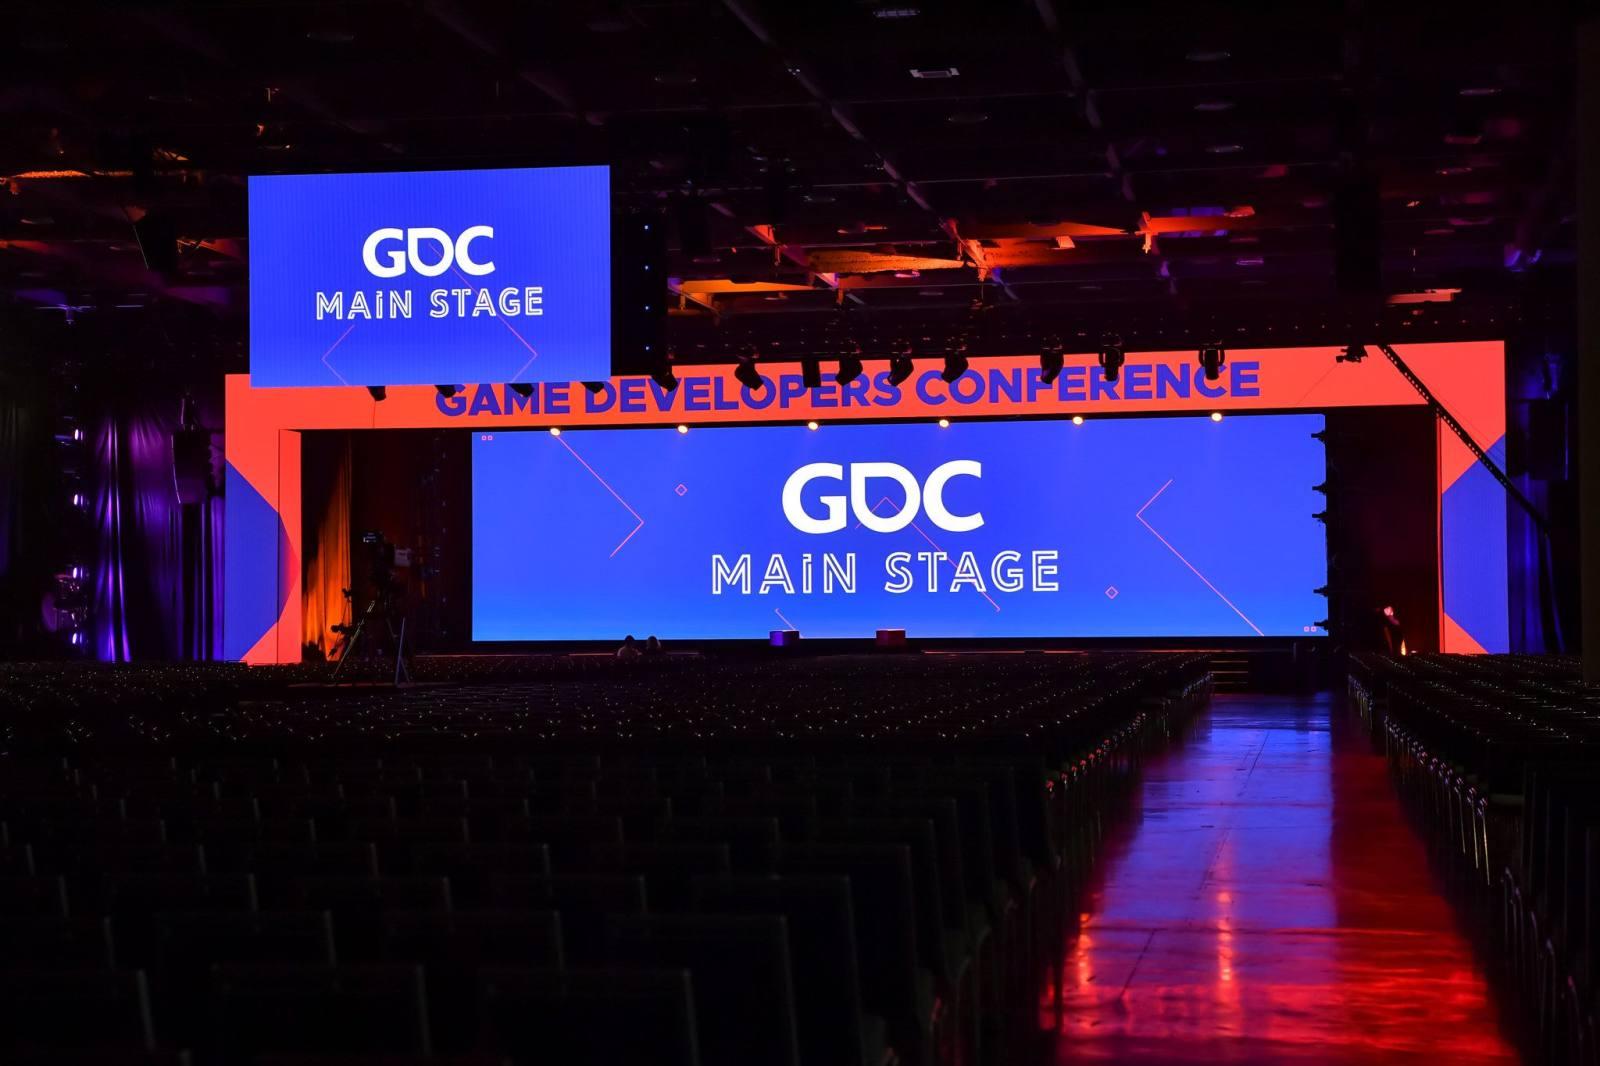 GDC 2020夏日开发者大会将转为线上活动